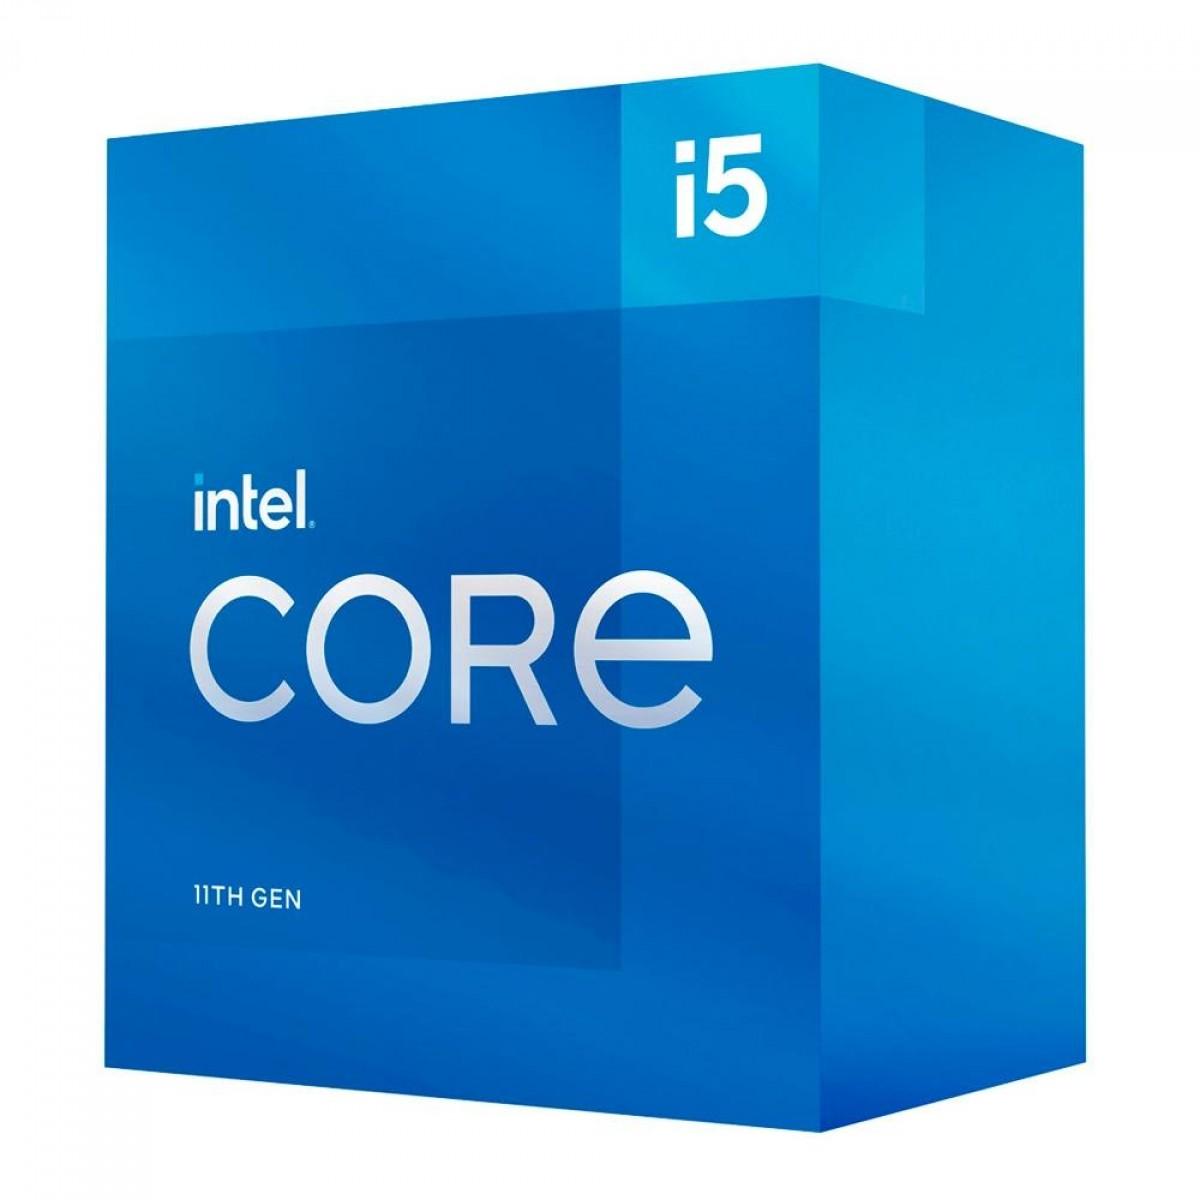 Processador Intel Core i5 11400 2.6GHz (4.4GHz Turbo), 11ª Geração, 6-Cores 12-Threads, LGA 1200, BX8070811400 - Open Box